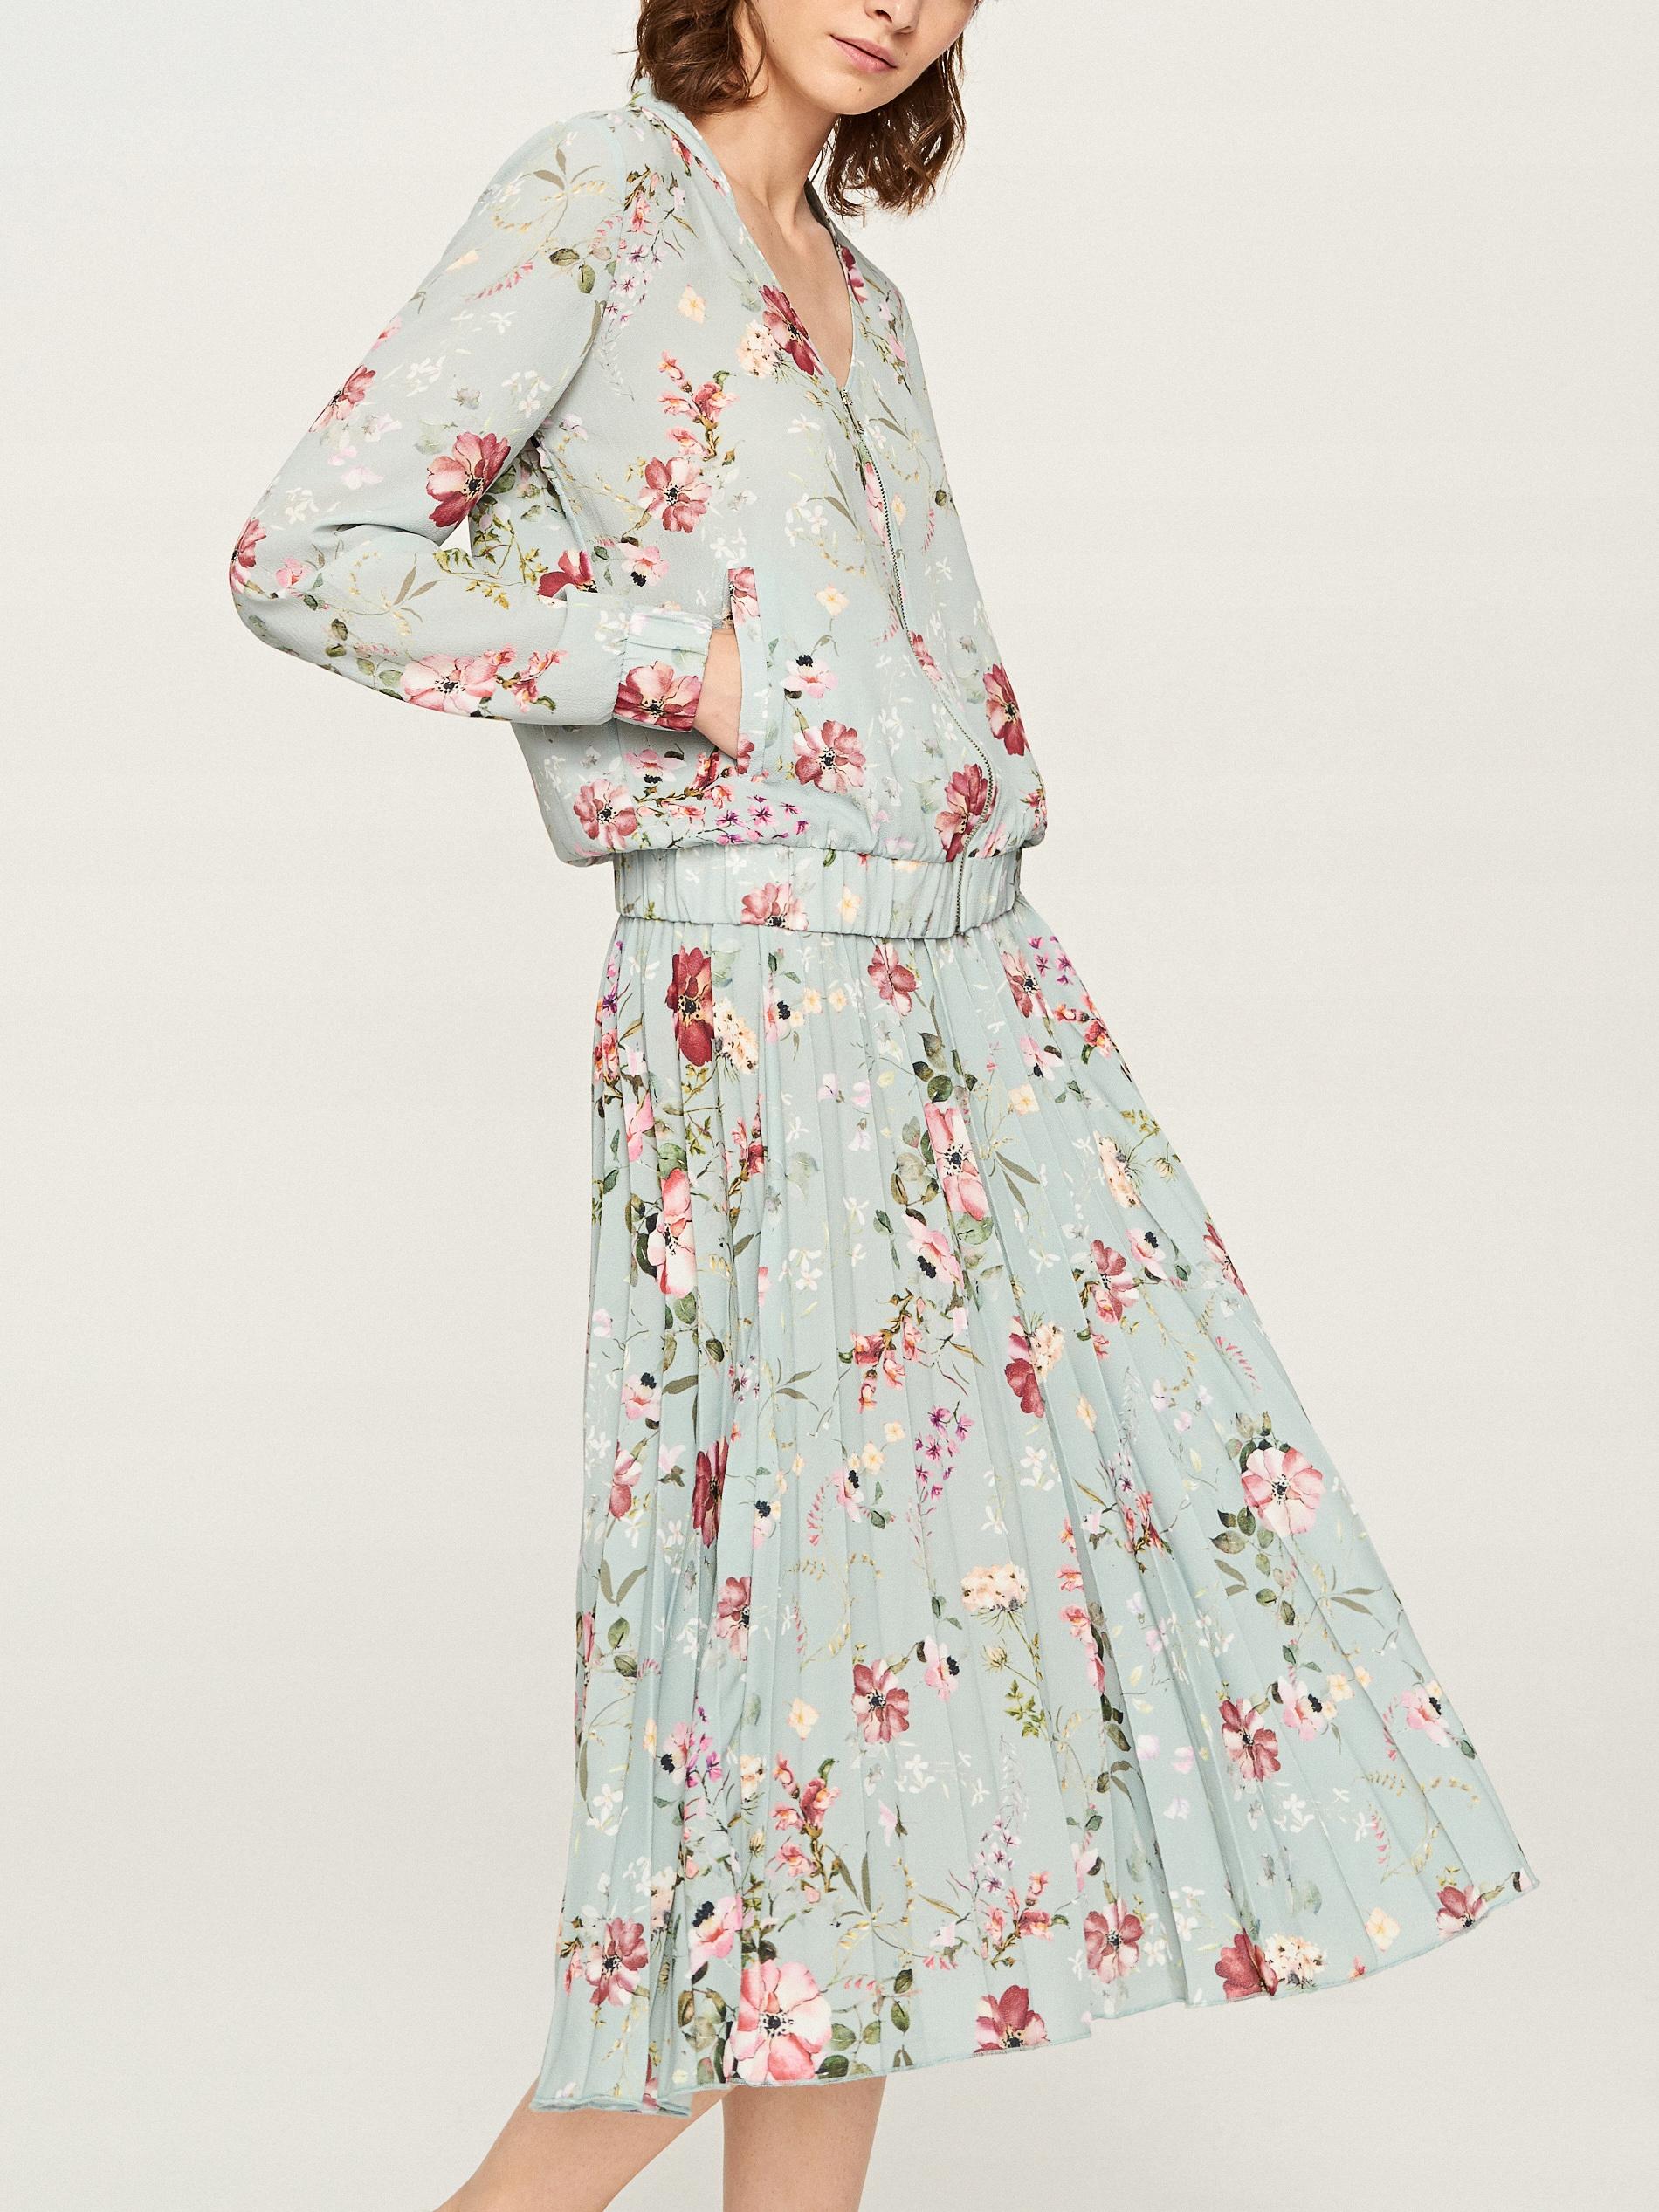 Spódnica pastelowa kwiaty midi Reserved 36 38 S M